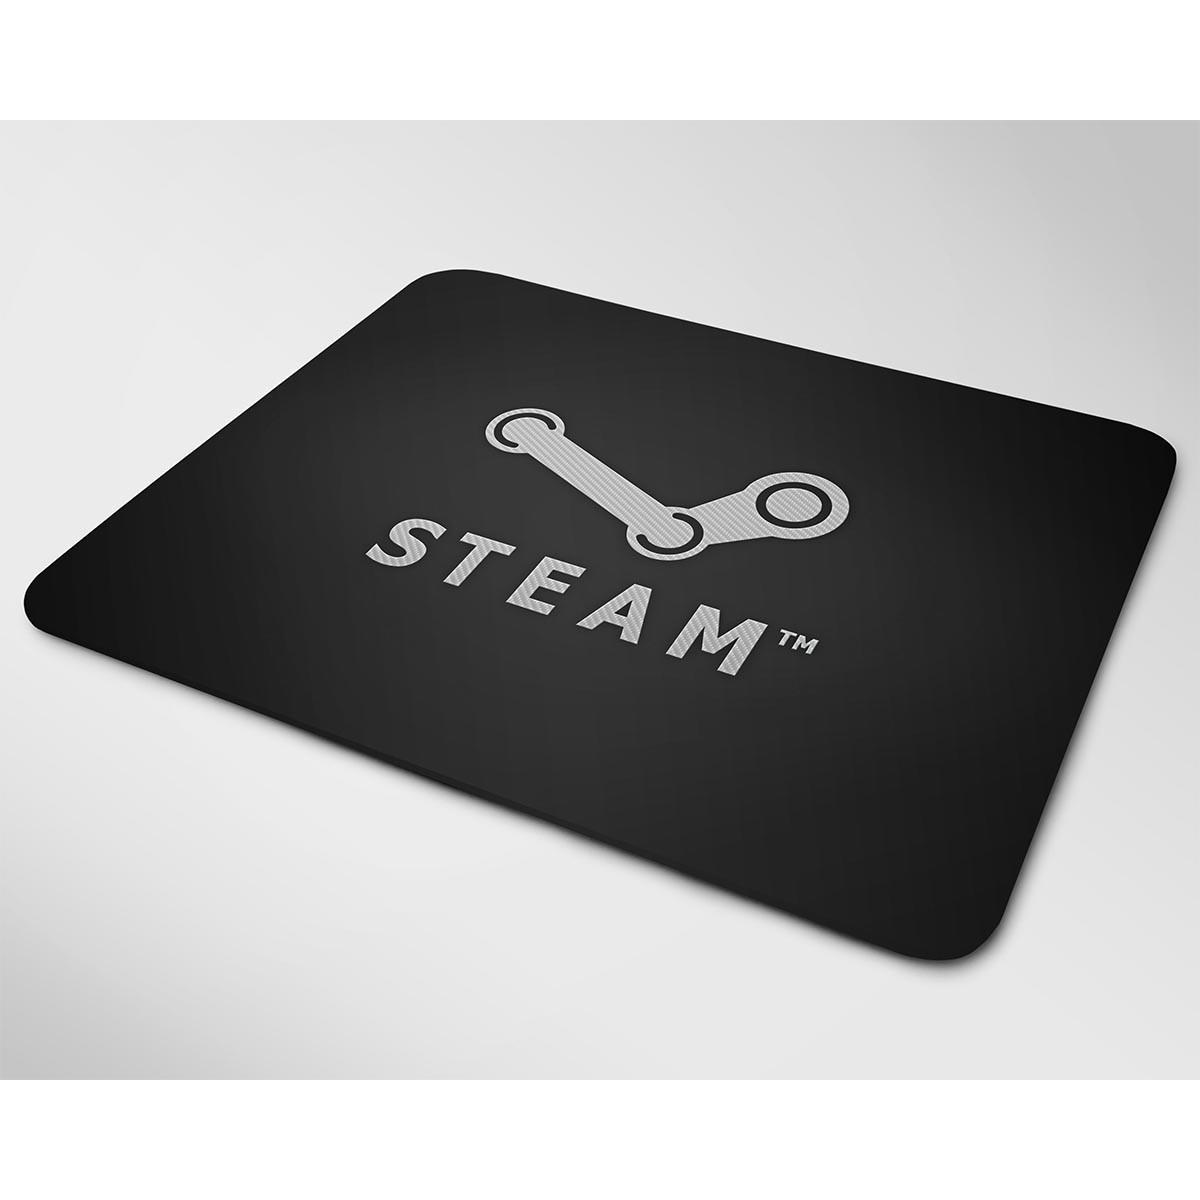 Miếng lót chuột mẫu Steam Game